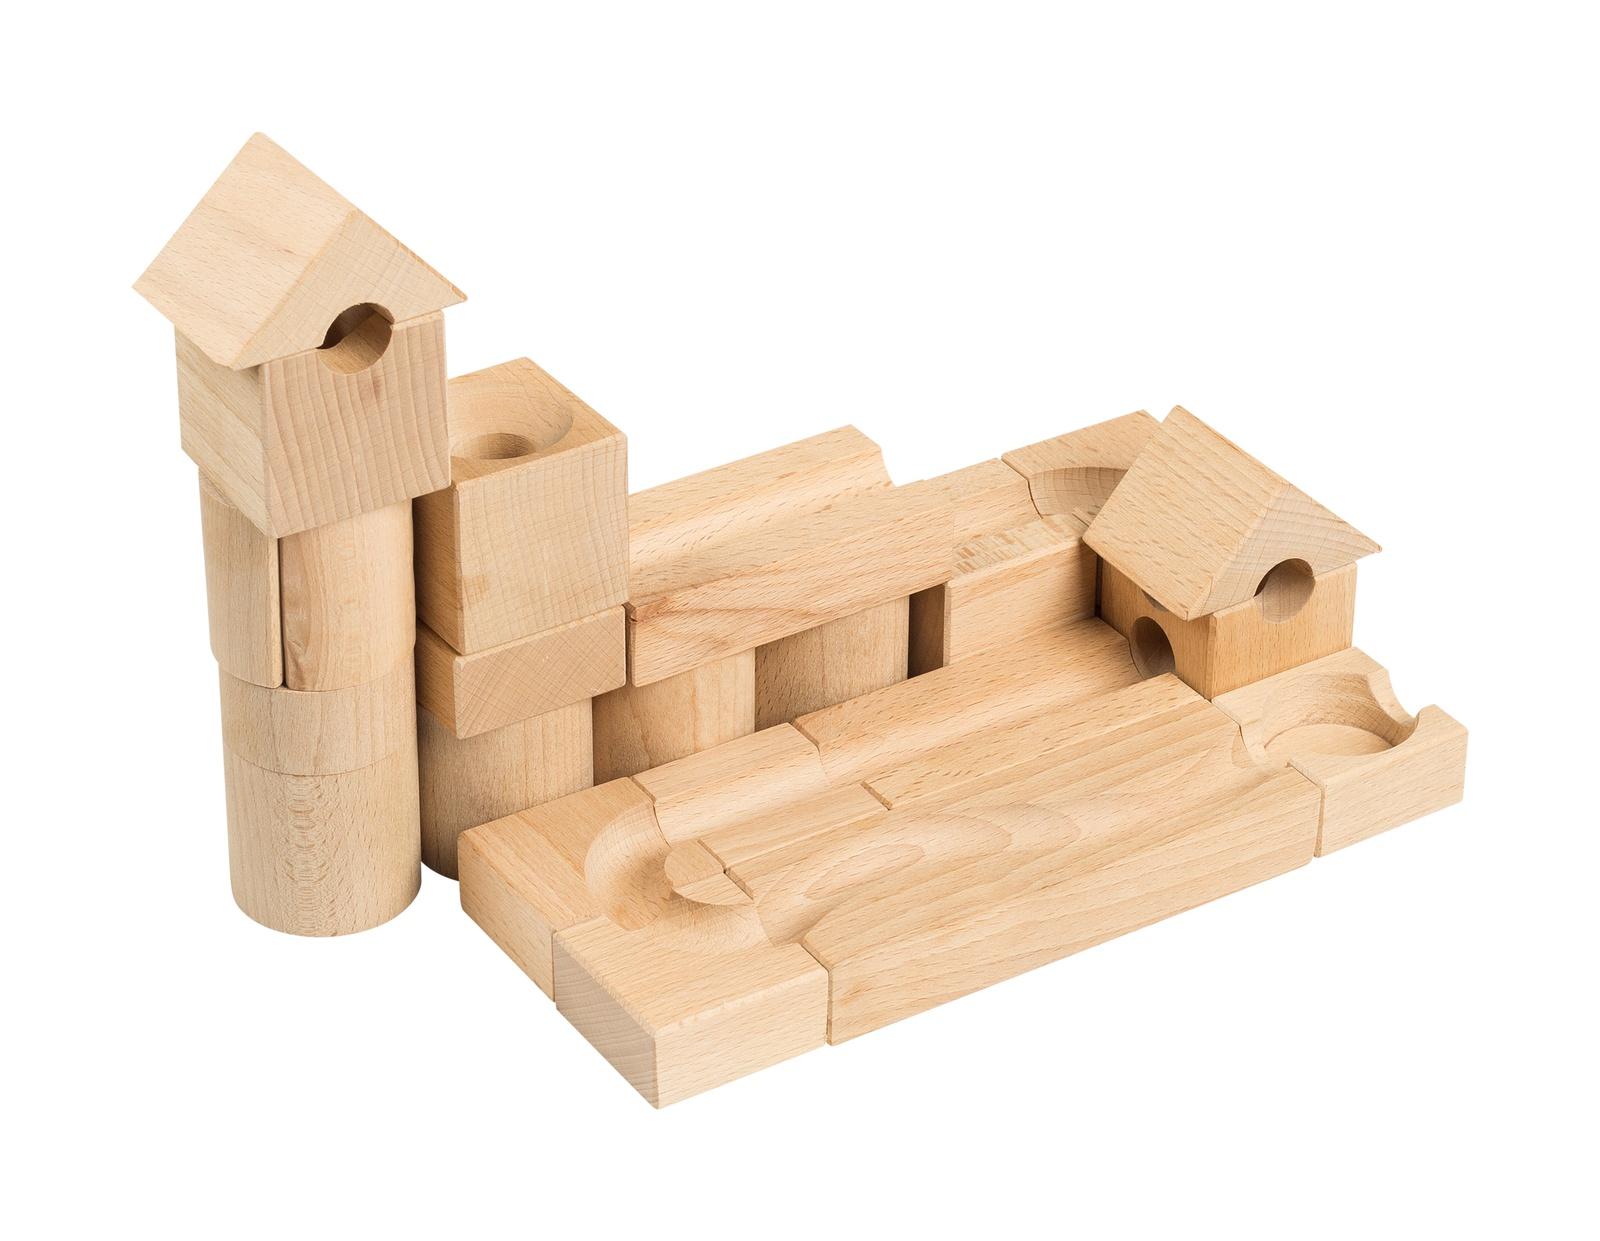 Деревянный конструктор РЭДИ Шарики-кубарики стартовый набор для самых маленьких, для детей от 3-х лет, 18 кубиков